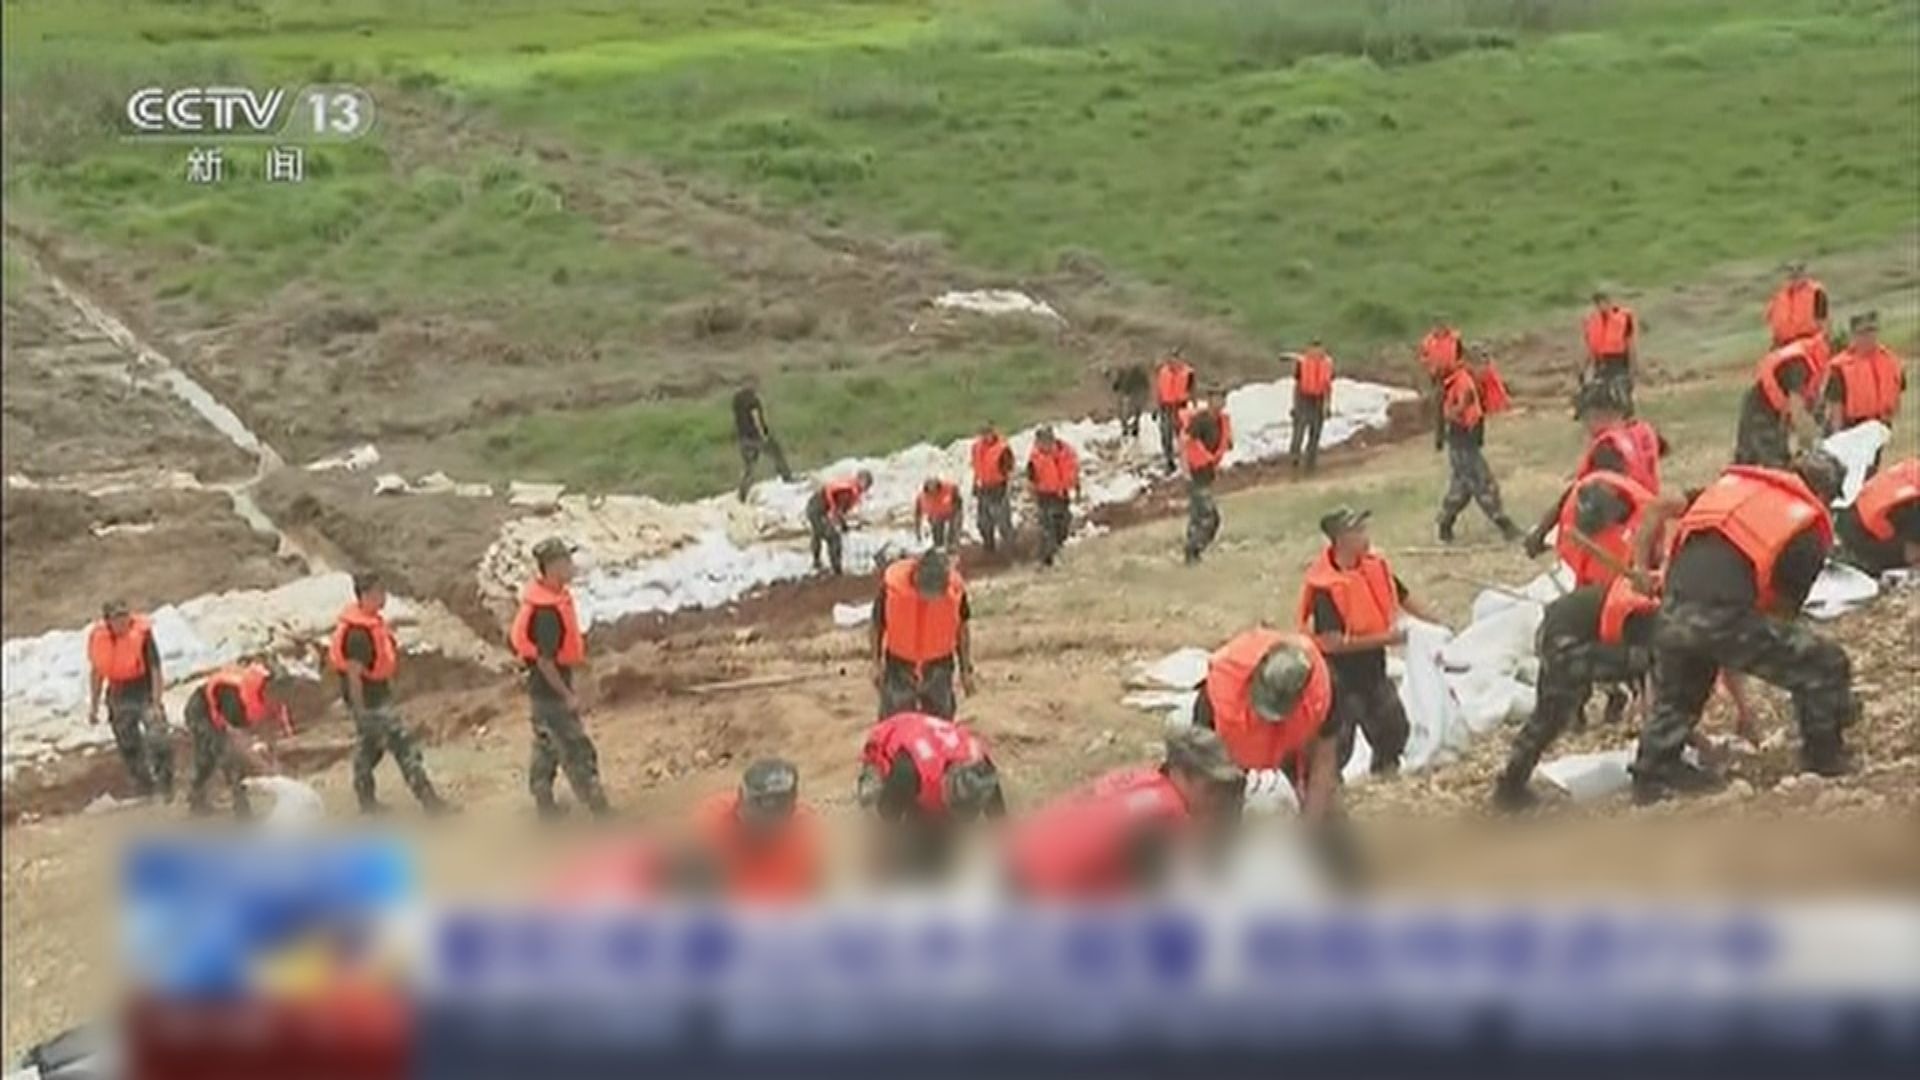 國家防汛應急響應升到二級 習近平指示進一步做好救災工作